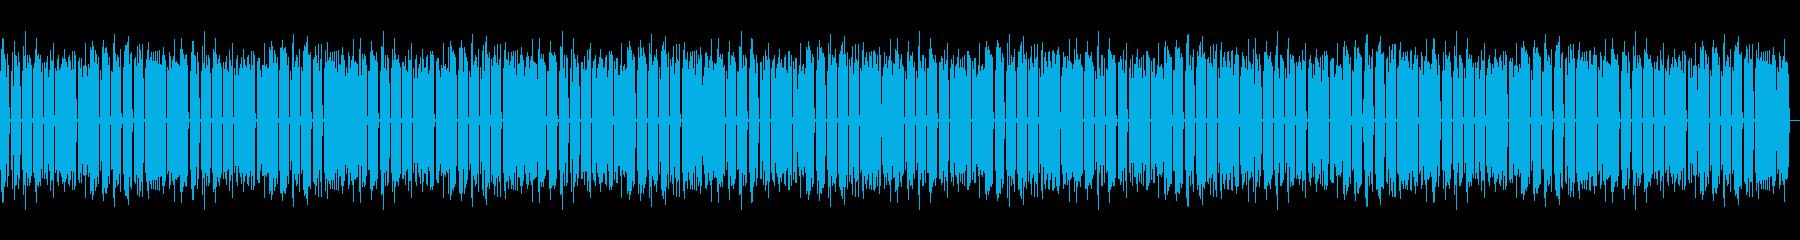 知育・料理・ほのぼの・日常ピアノ3Lの再生済みの波形